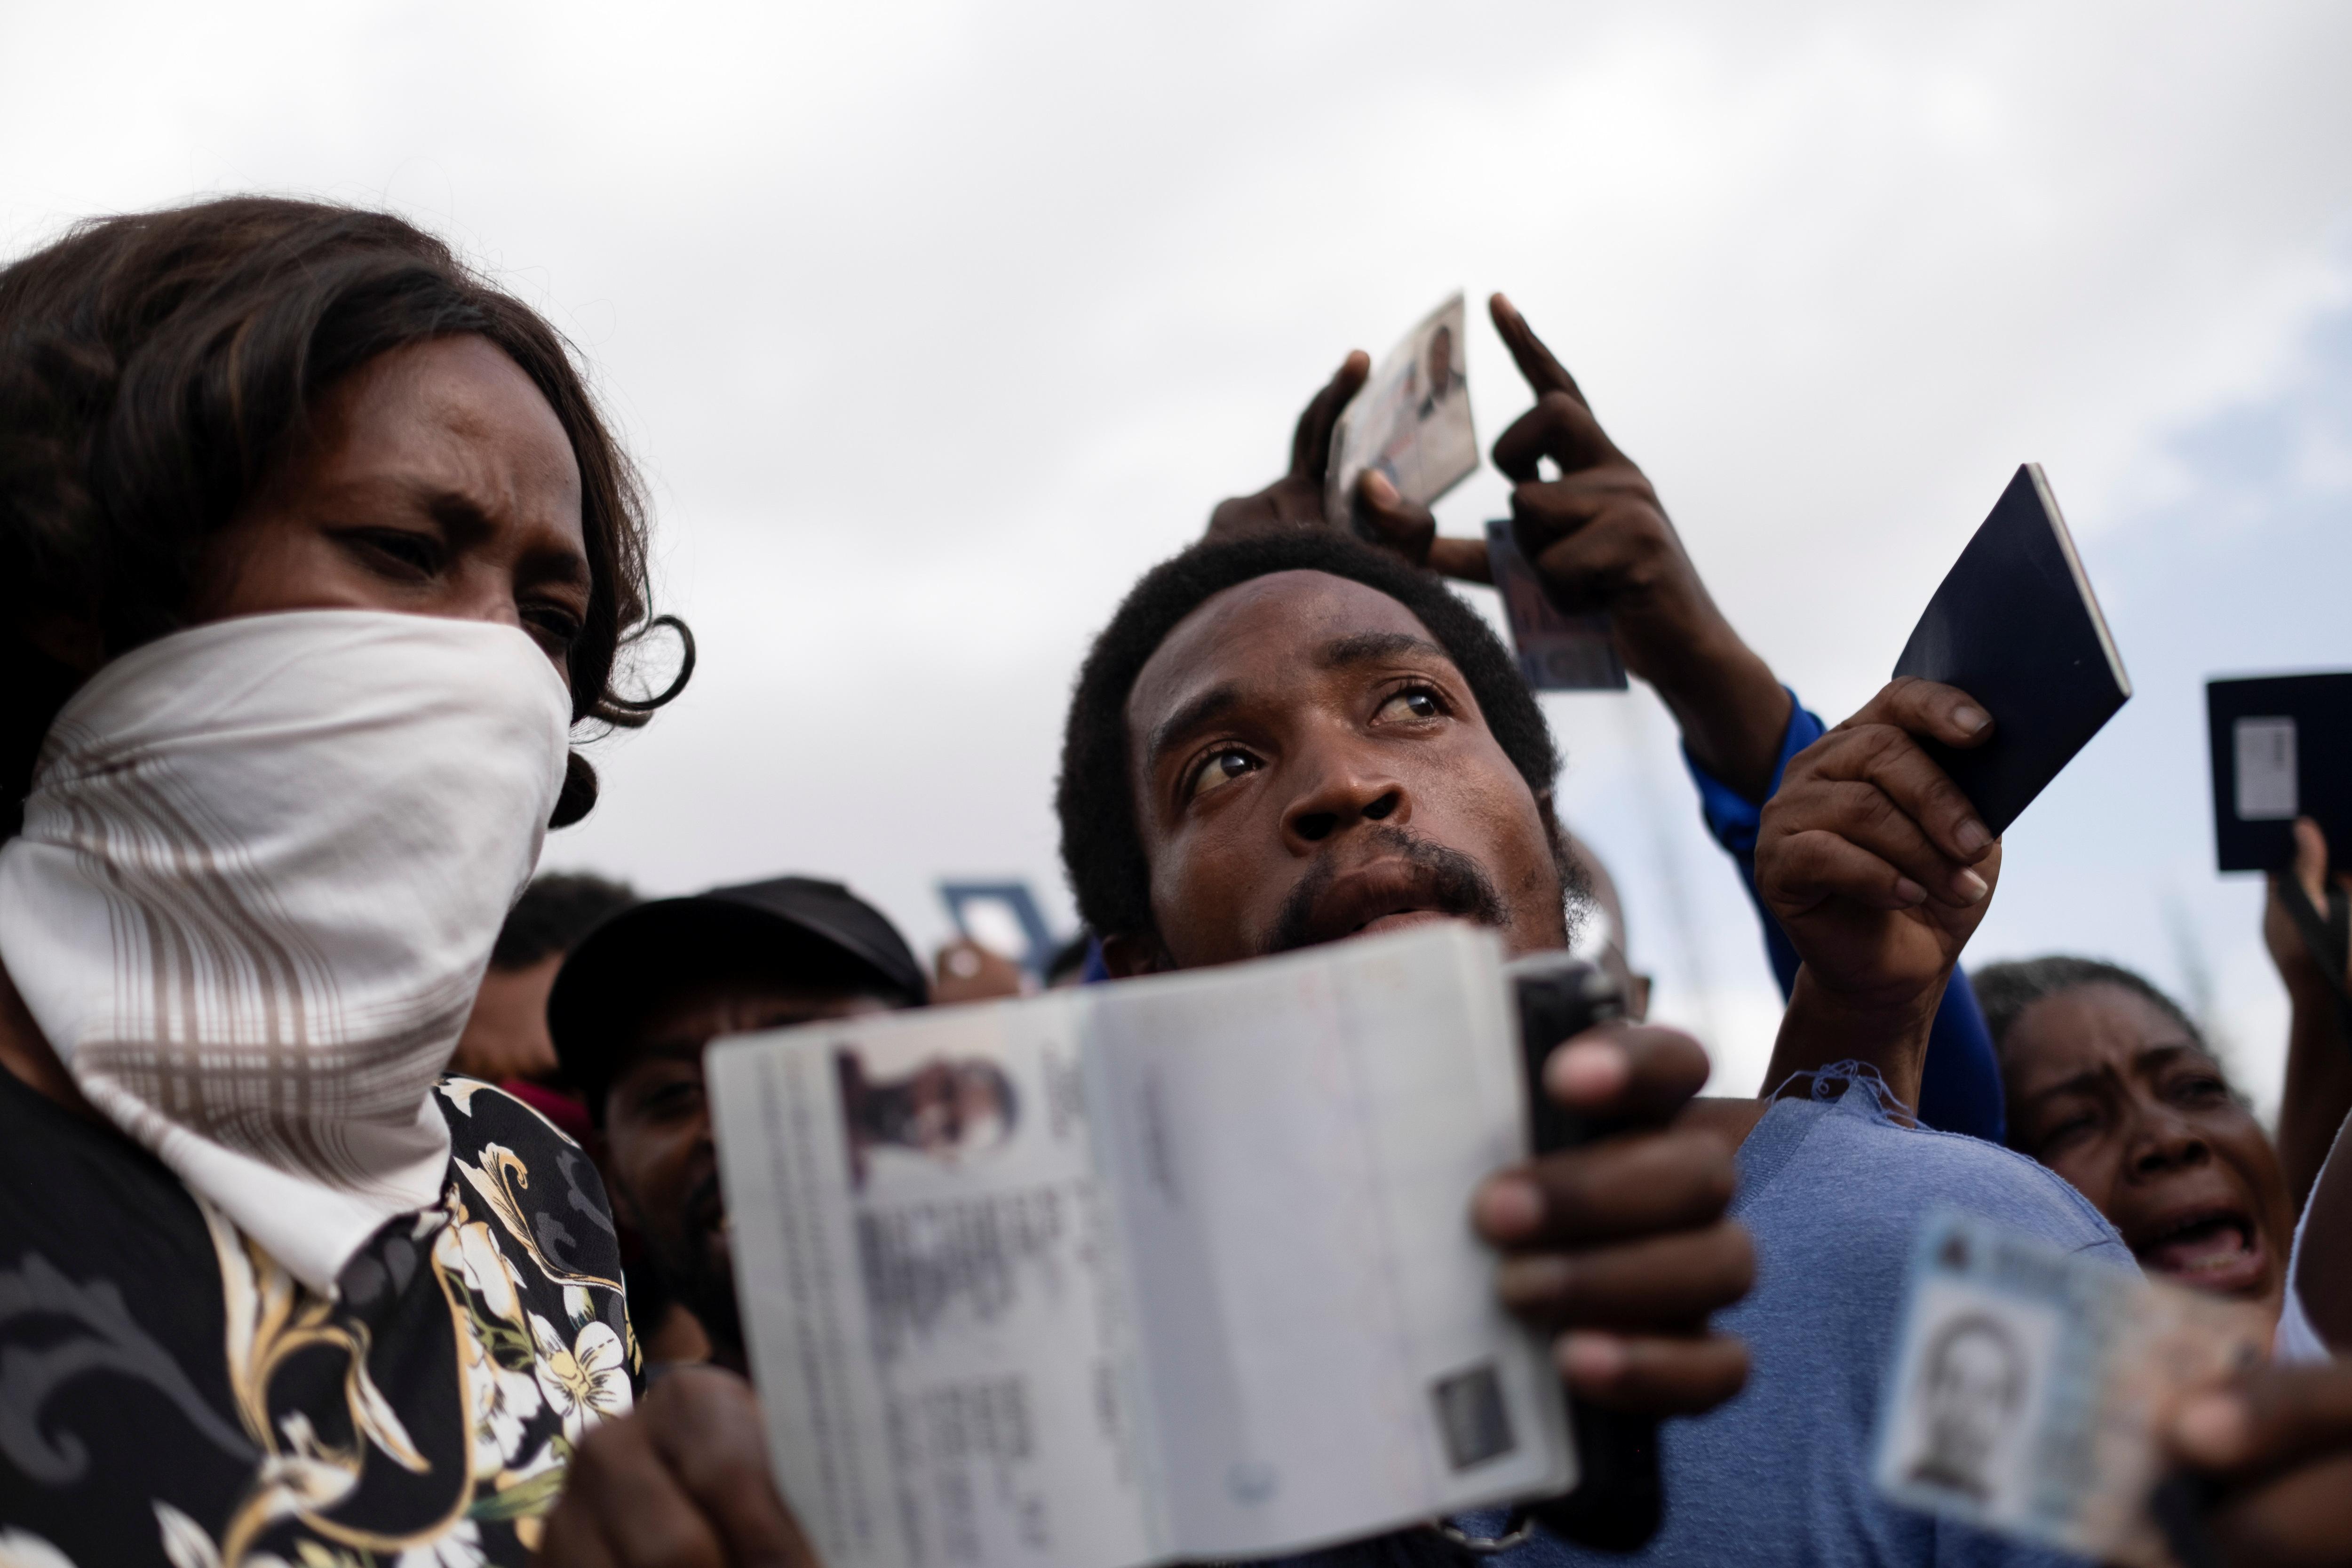 Los haitianos que solicitan asilo muestran sus pasaportes haitianos frente a la embajada de Estados Unidos, luego del asesinato del presidente Jovenel Moise, en Puerto Príncipe, Haití, el 9 de julio de 2021. REUTERS / Ricardo Arduengo